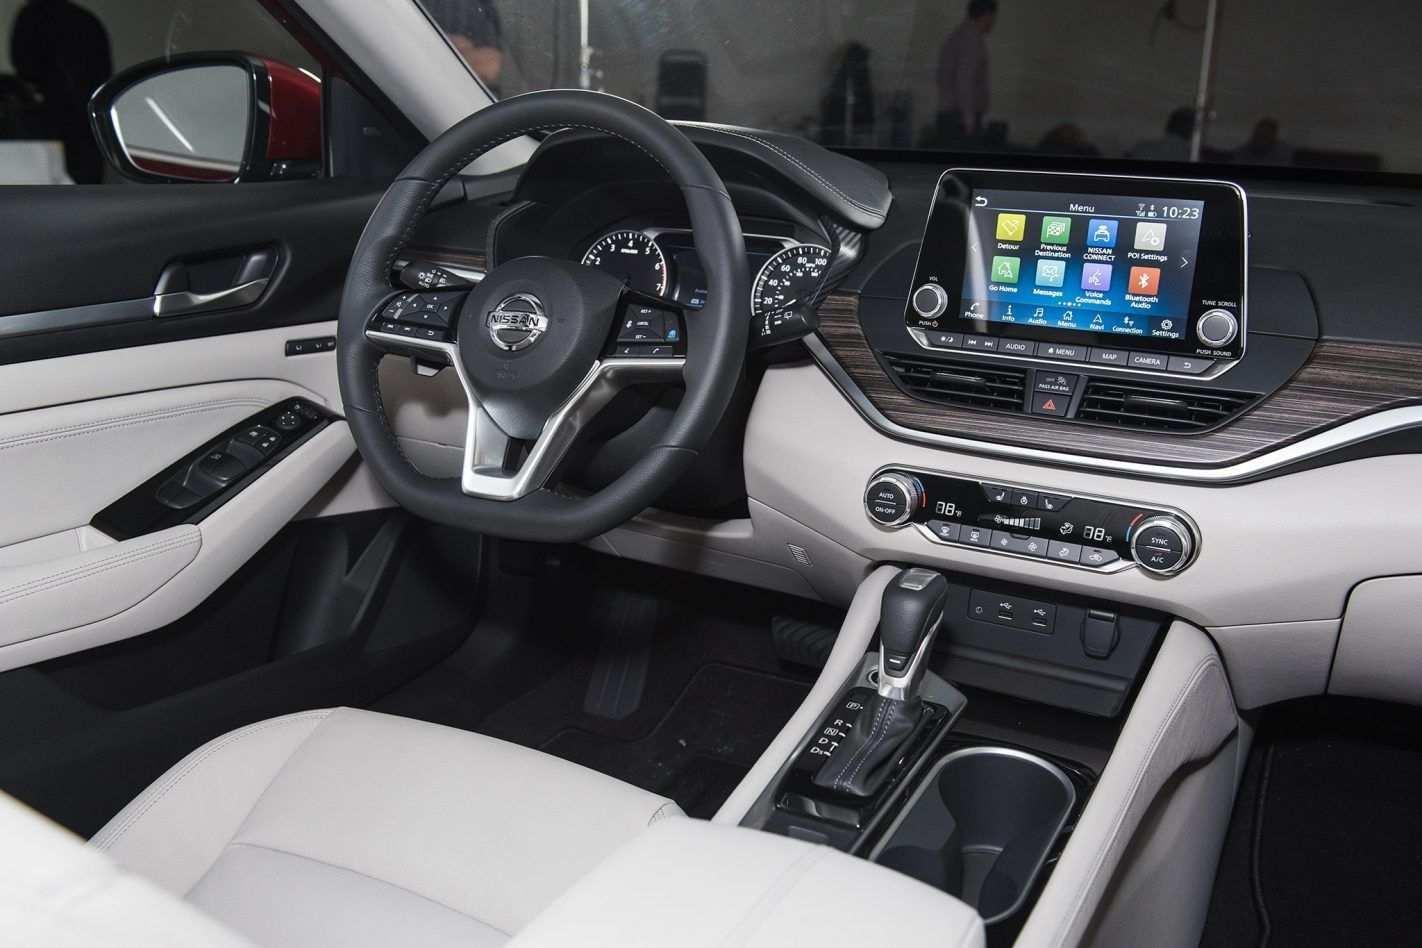 42 New Nissan Versa 2019 Interior Concept with Nissan Versa 2019 Interior